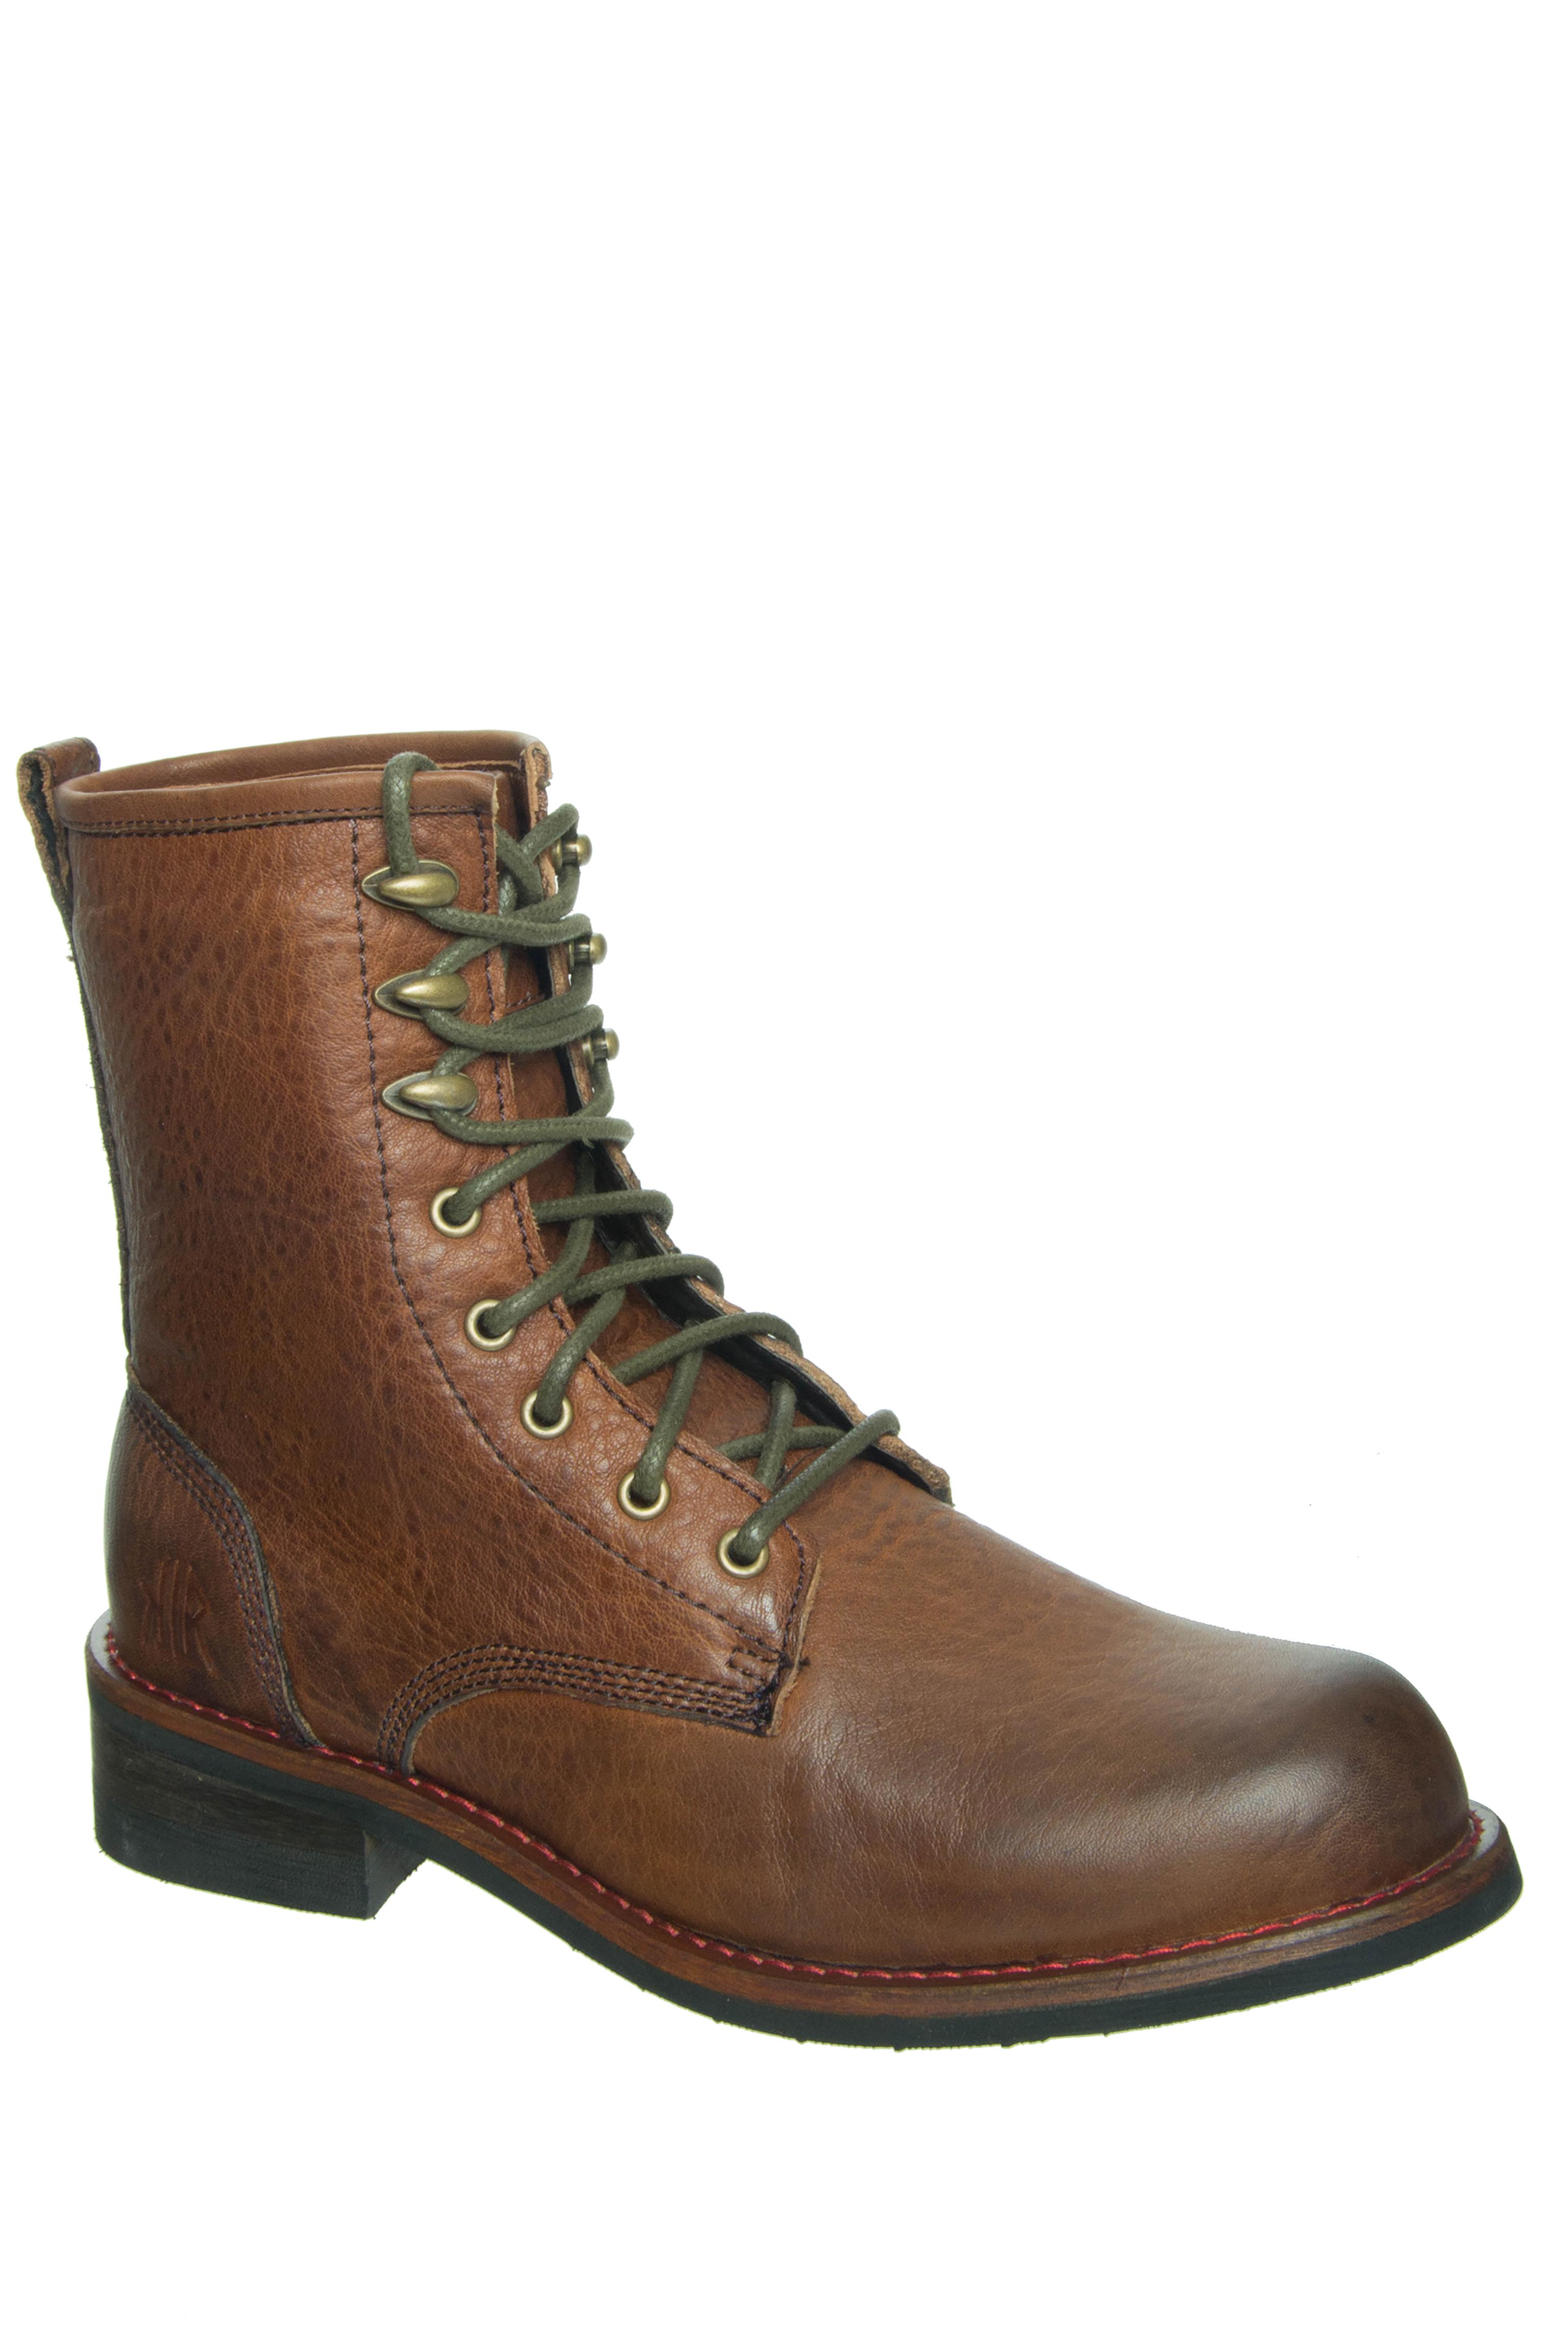 KLR Men's Pat Lace-Up Boots - Brown